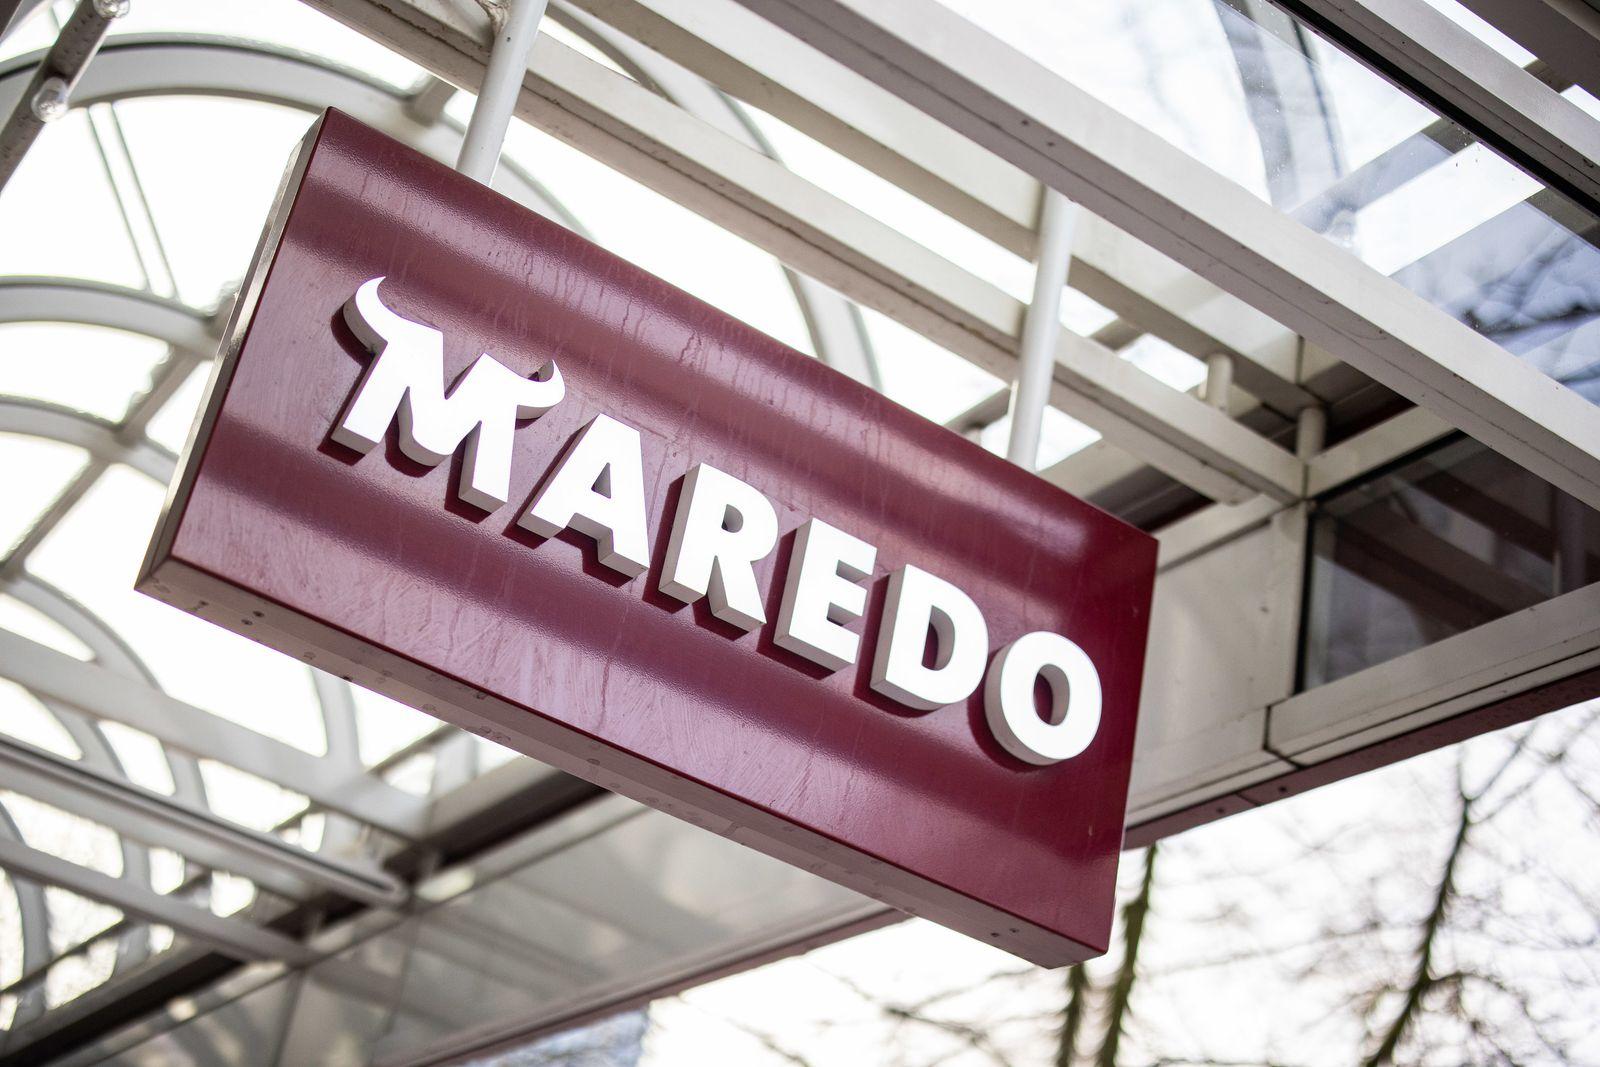 Steakhaus-Kette Maredo entlässt fast alle Mitarbeiter